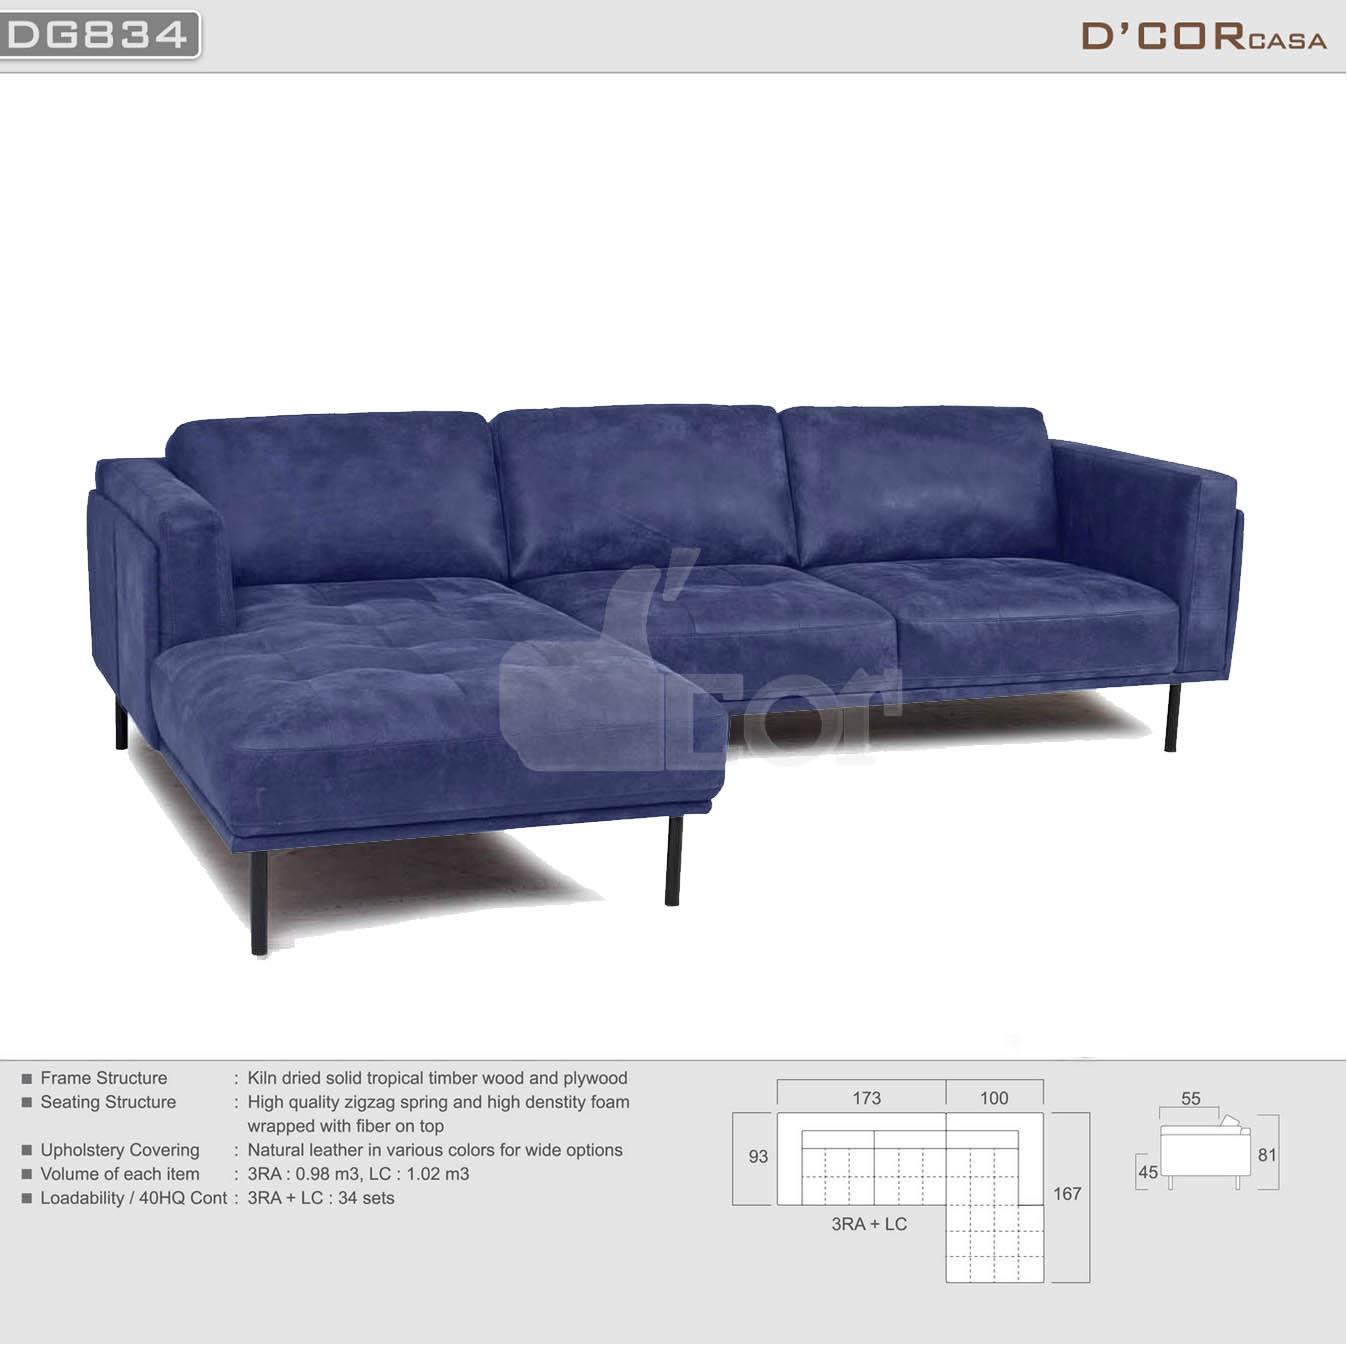 Vẻ đẹp độc đáo đến từ sofa da thật Malaysia DG834